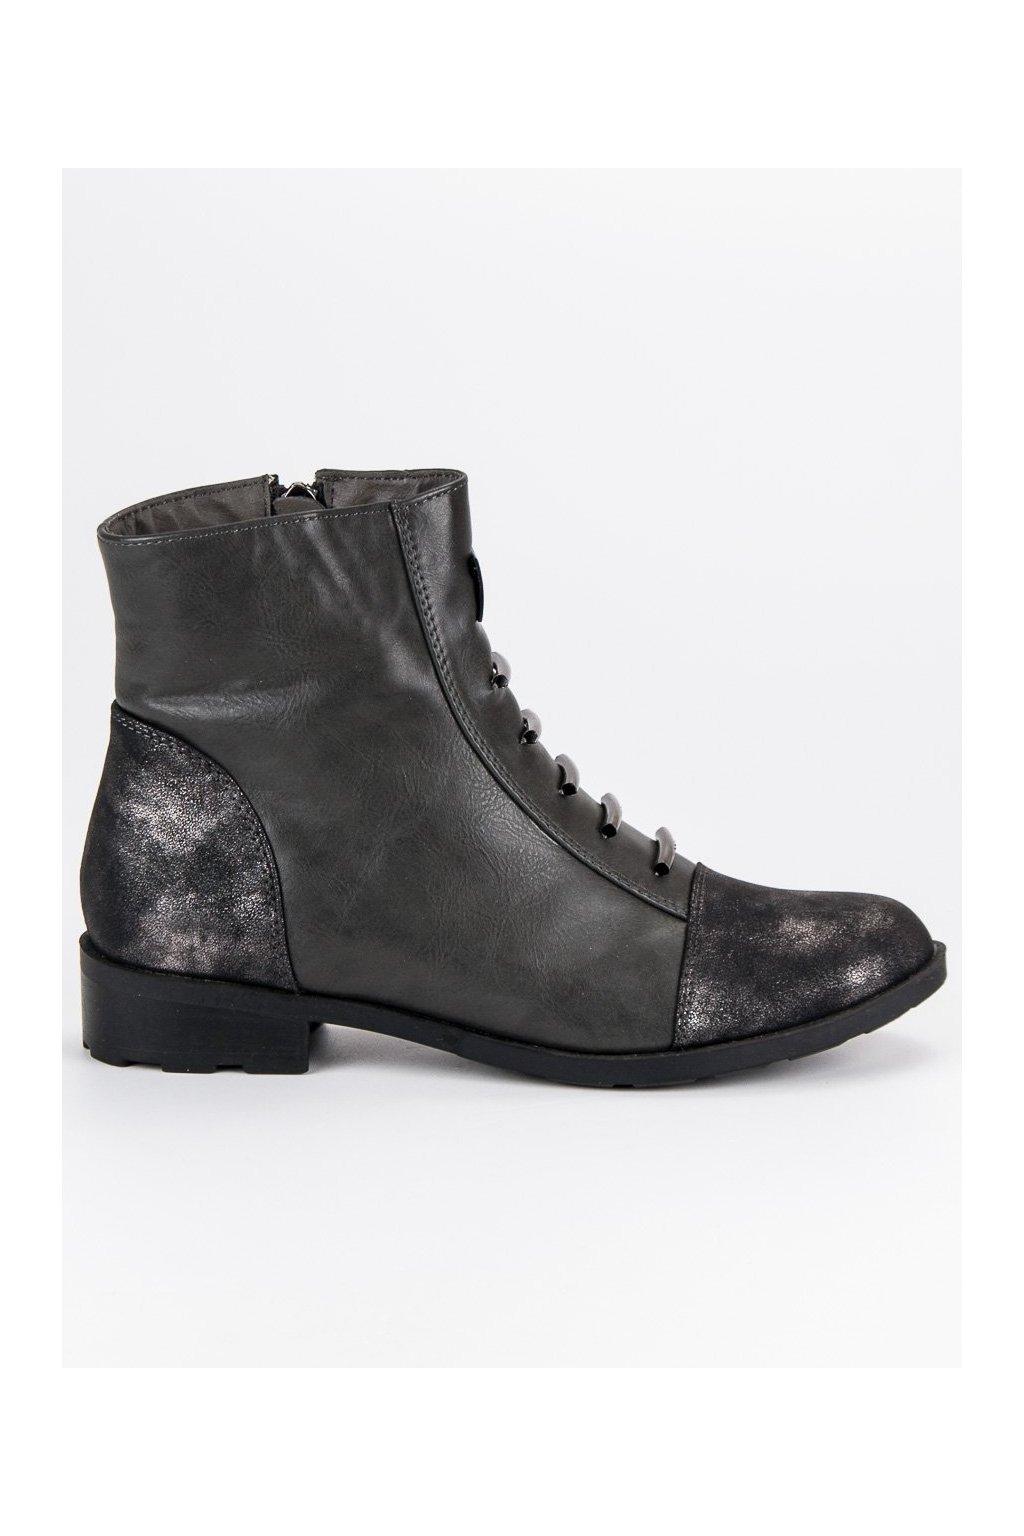 Sivé dámske topánky na plochom opätku Filippo DBT301/18G